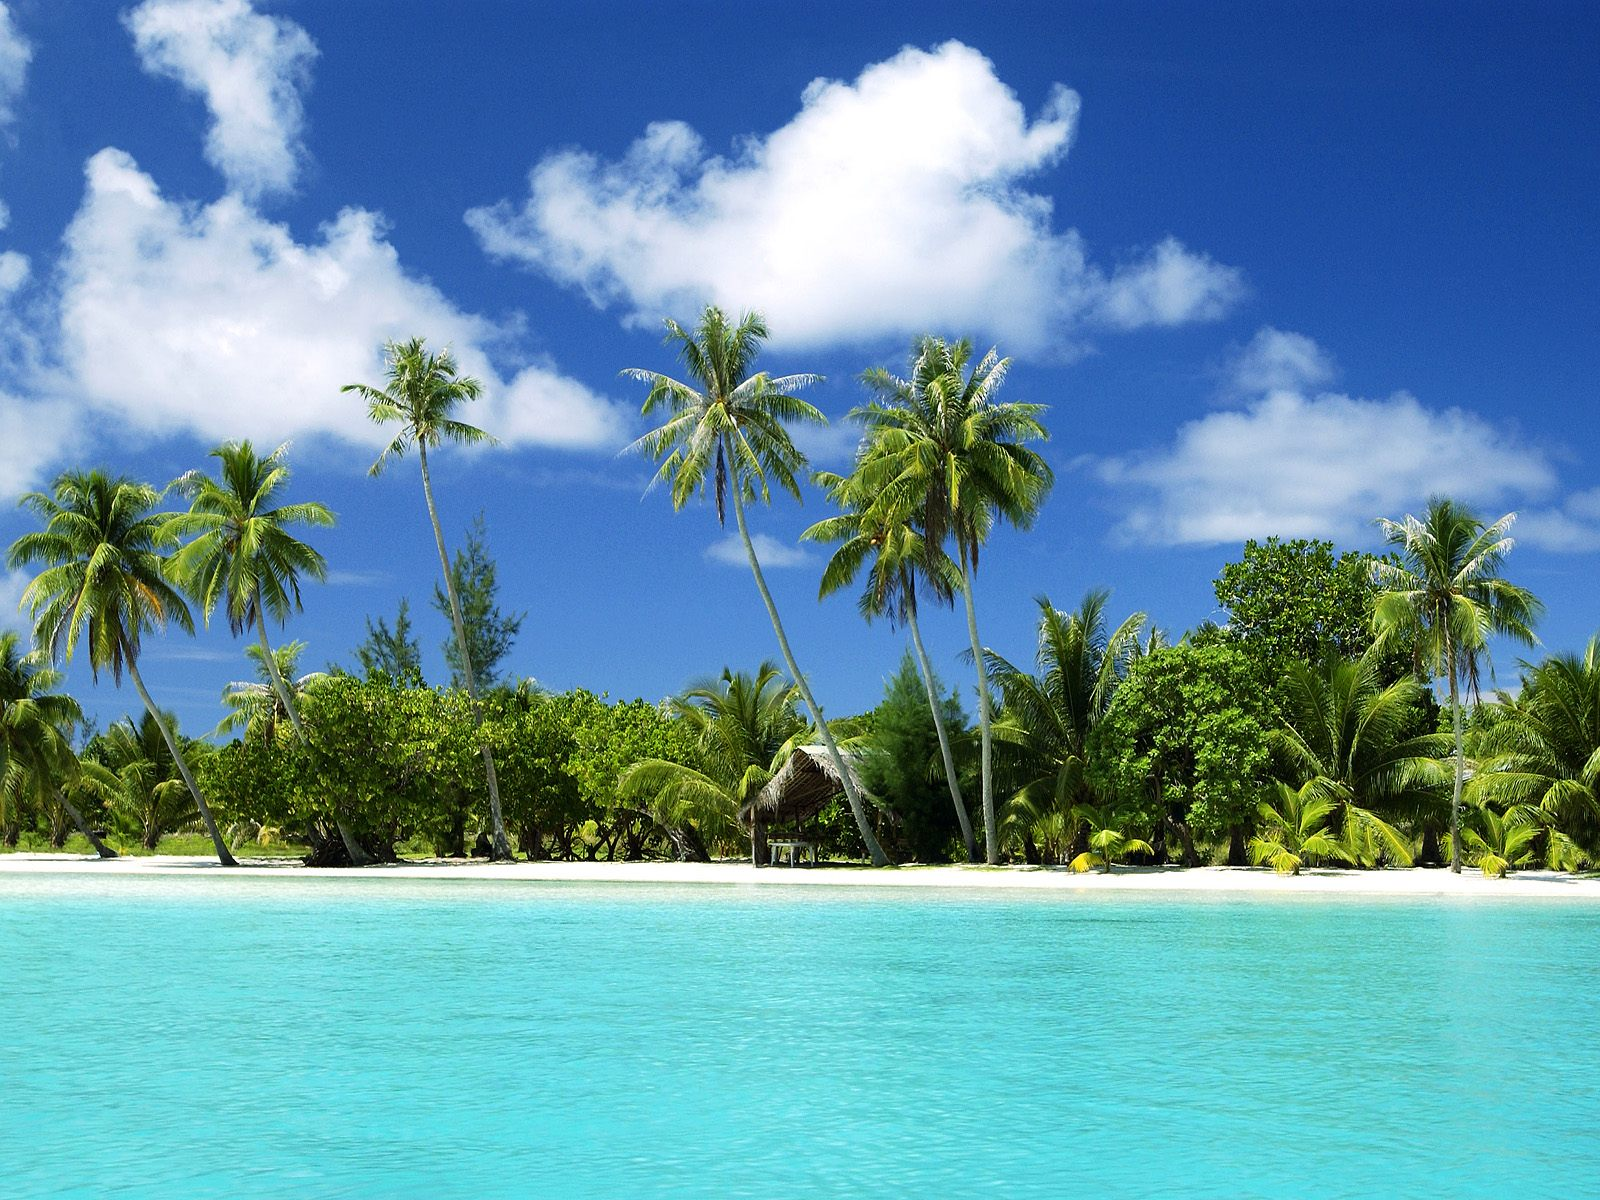 http://1.bp.blogspot.com/-F2xhybayxzU/UHZ8dnqPJVI/AAAAAAAAIks/fRS0qkcrEsQ/s1600/beach-wallpaper-hd-31.jpg